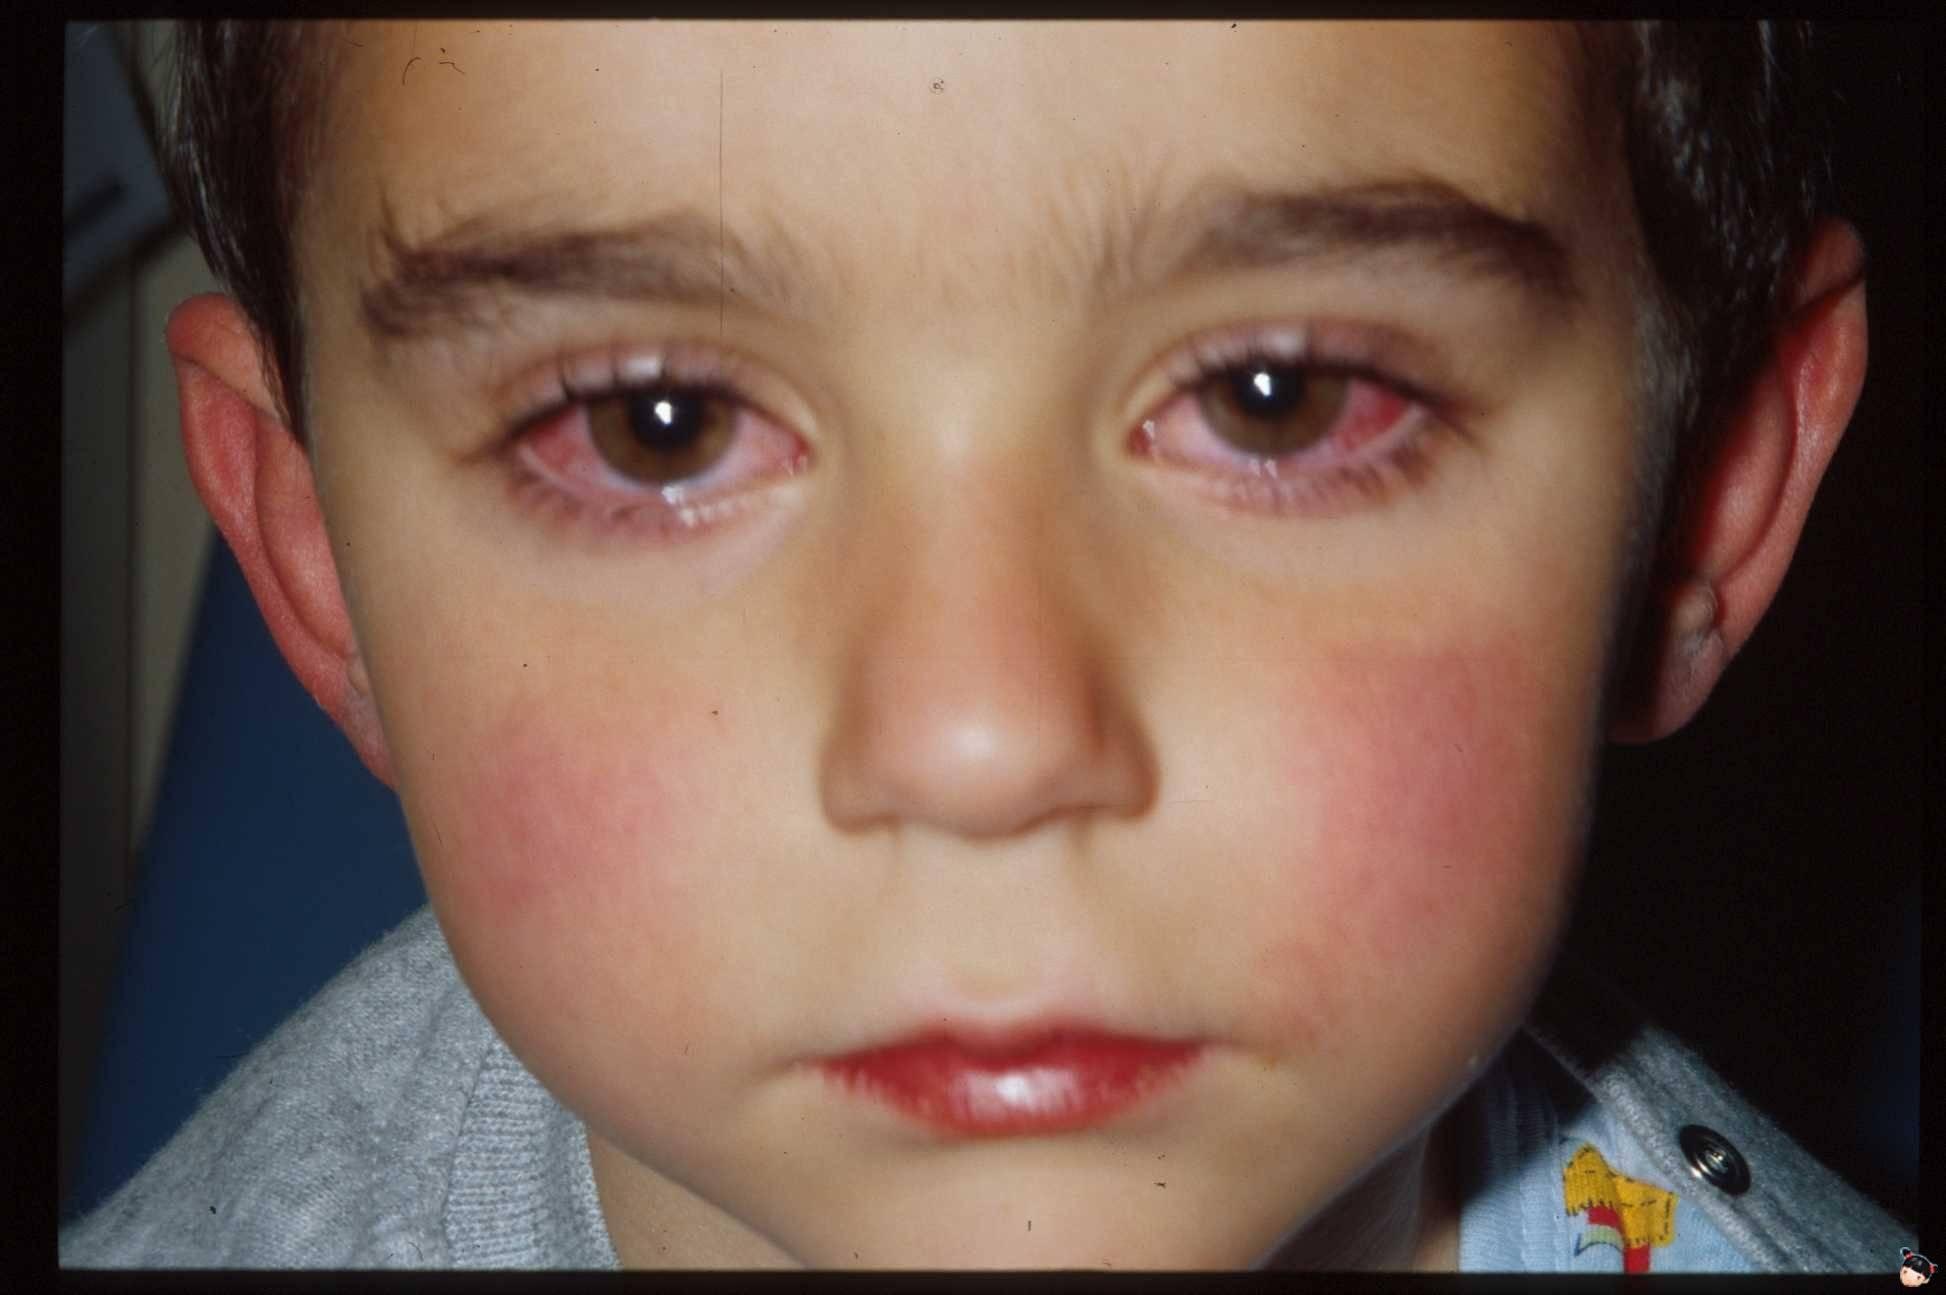 воспаление глаза у ребенка